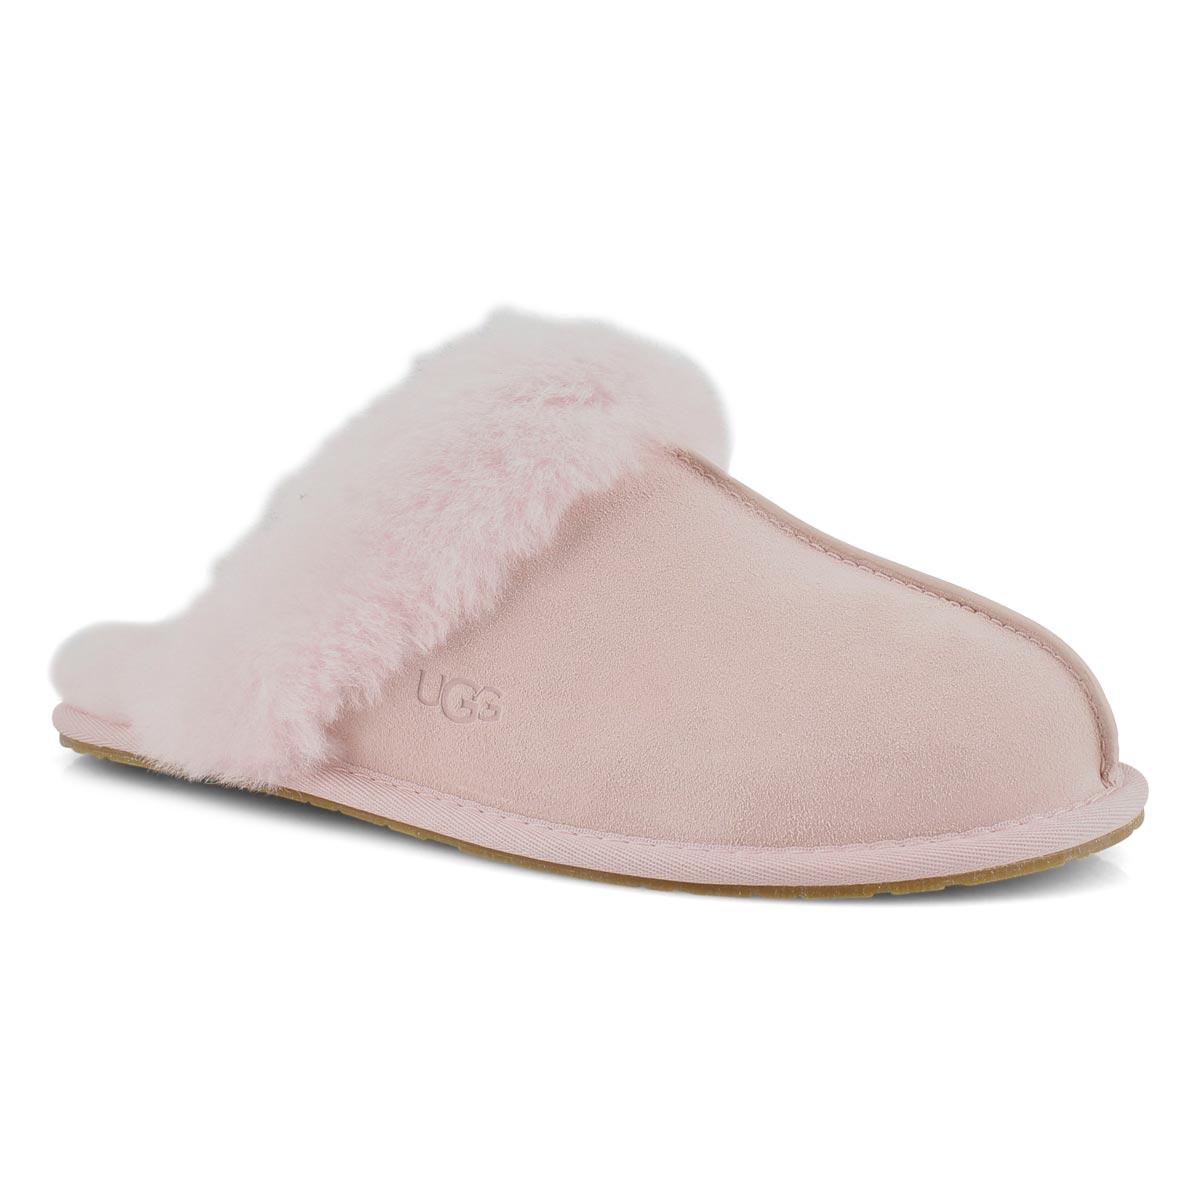 Lds Scuffette II pink cloud slipper